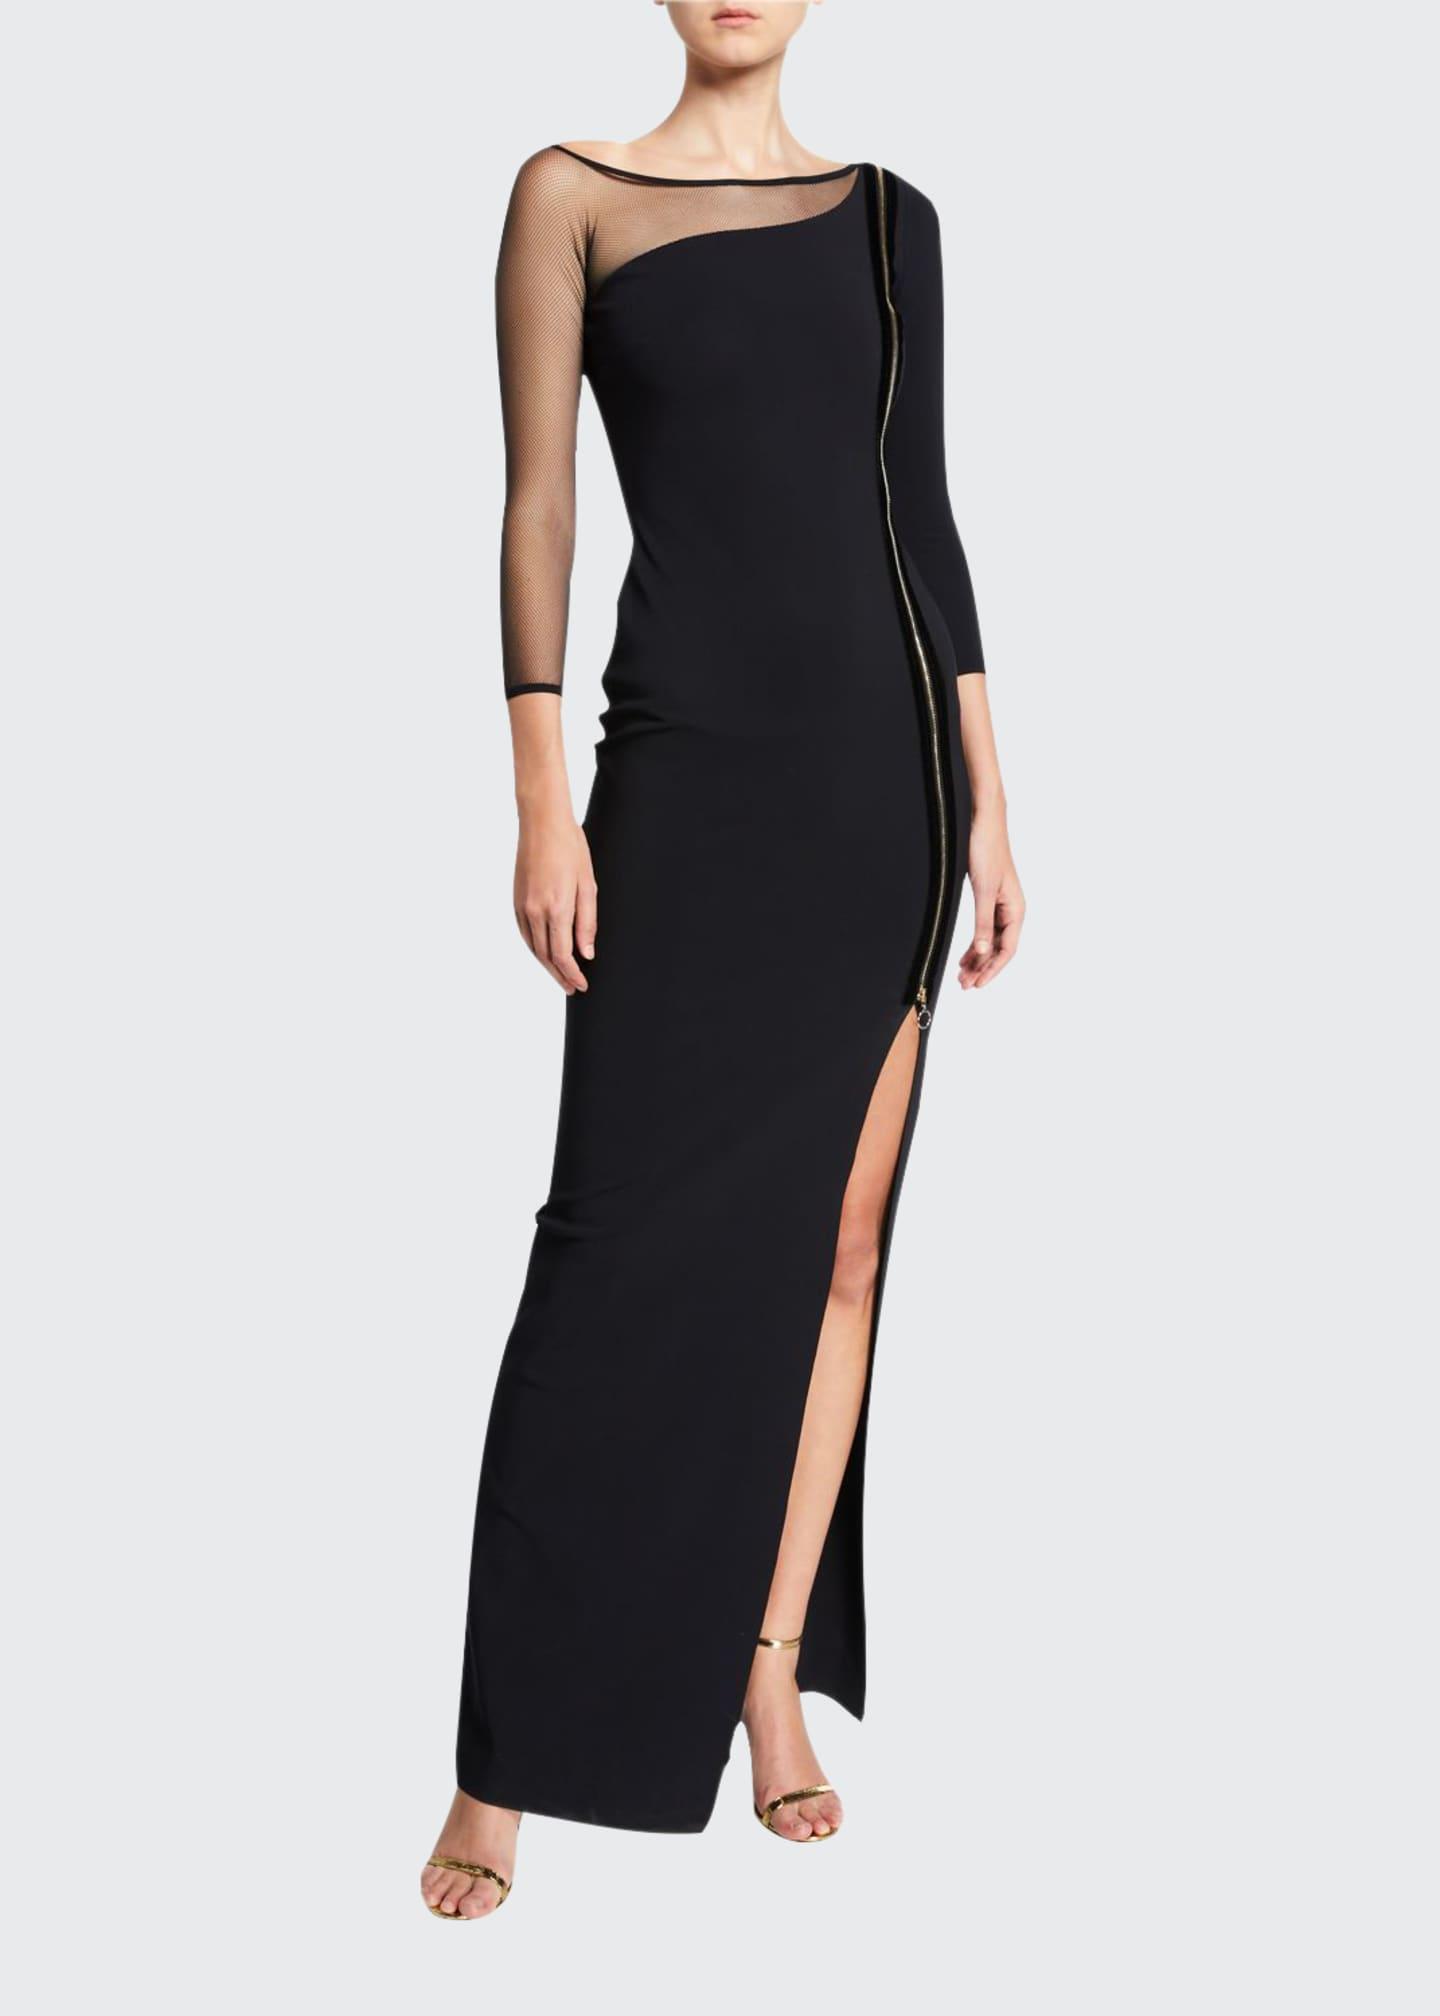 Chiara Boni La Petite Robe Asymmetric Zip-Front 3/4-Sleeve